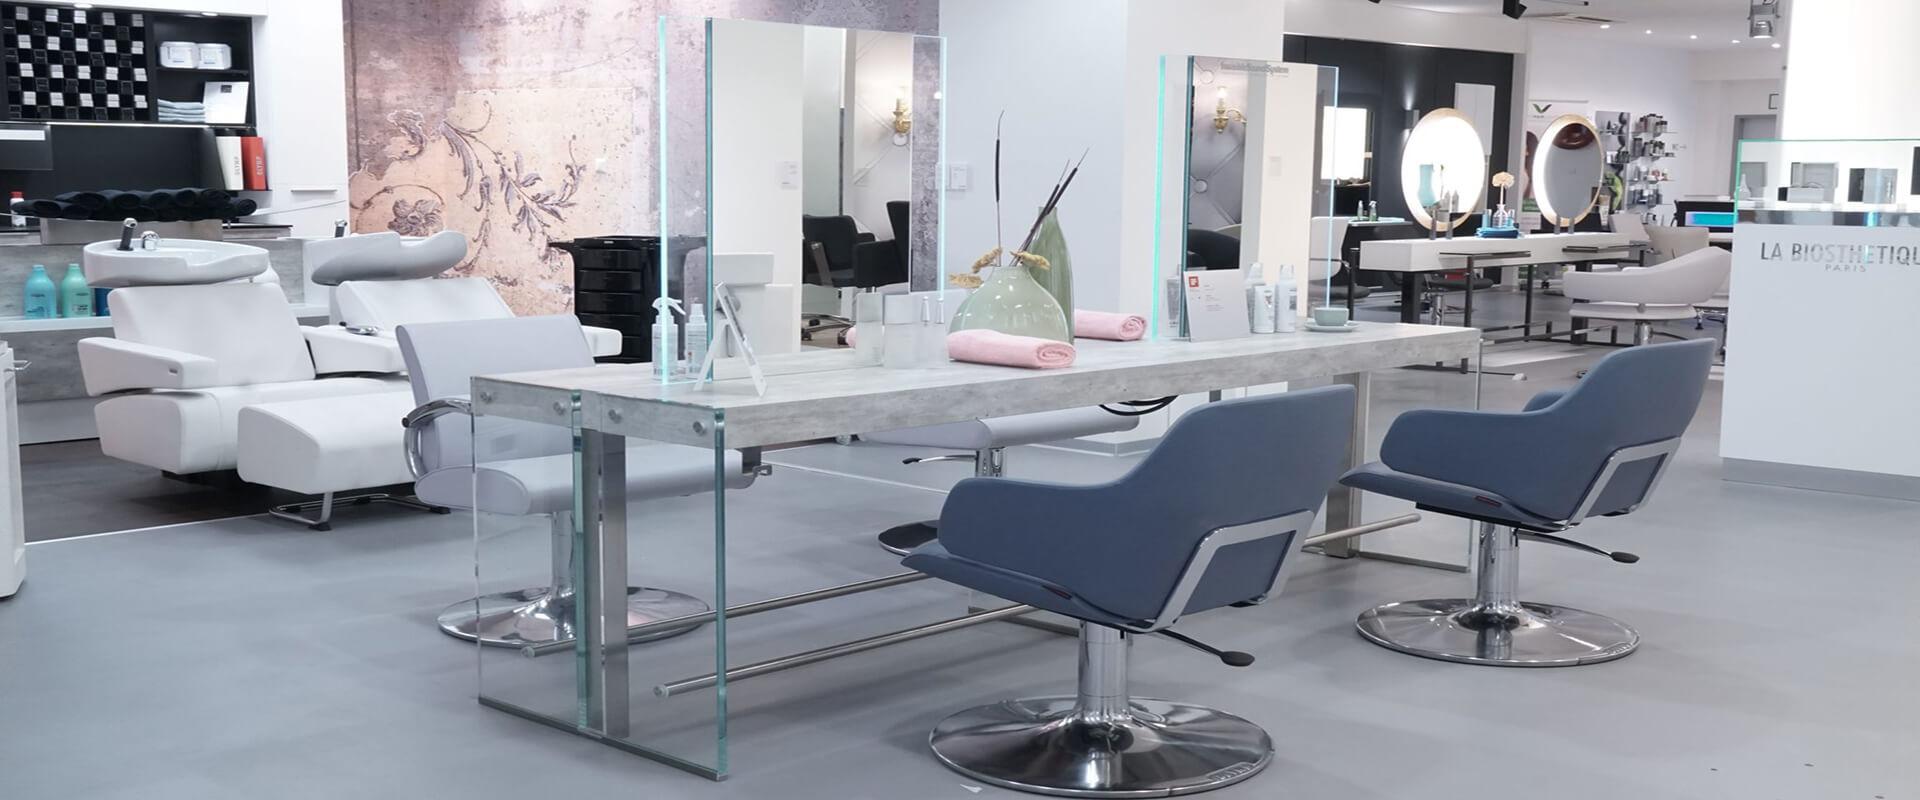 Showroom Stuttgart – Flagship Store